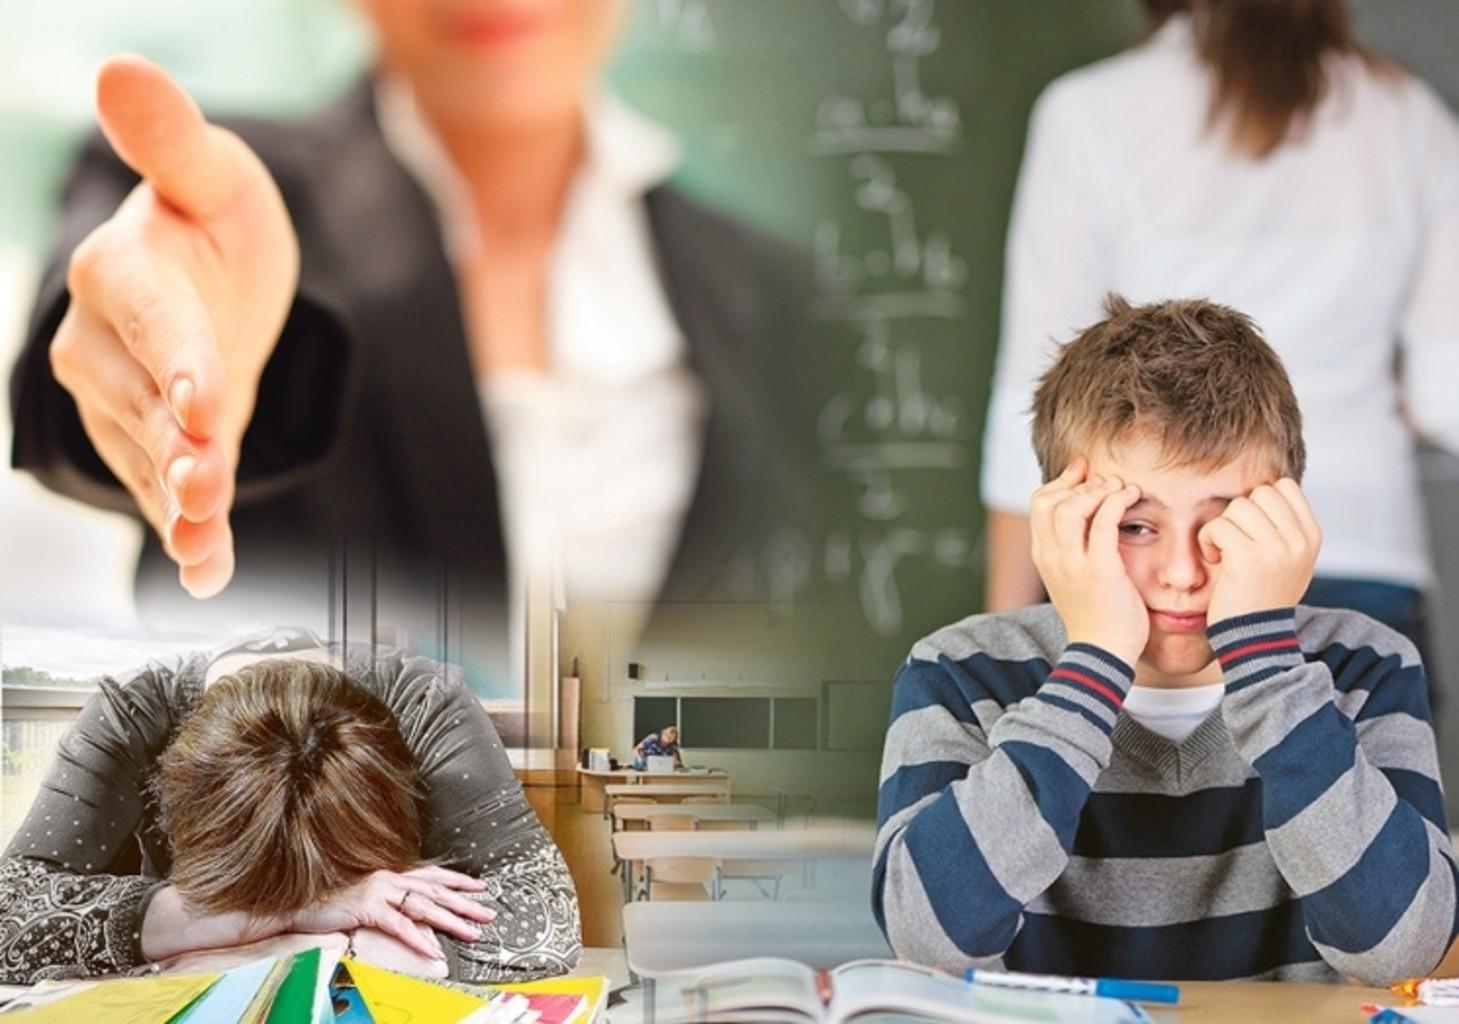 учитель недоволен учеником картинка установкой